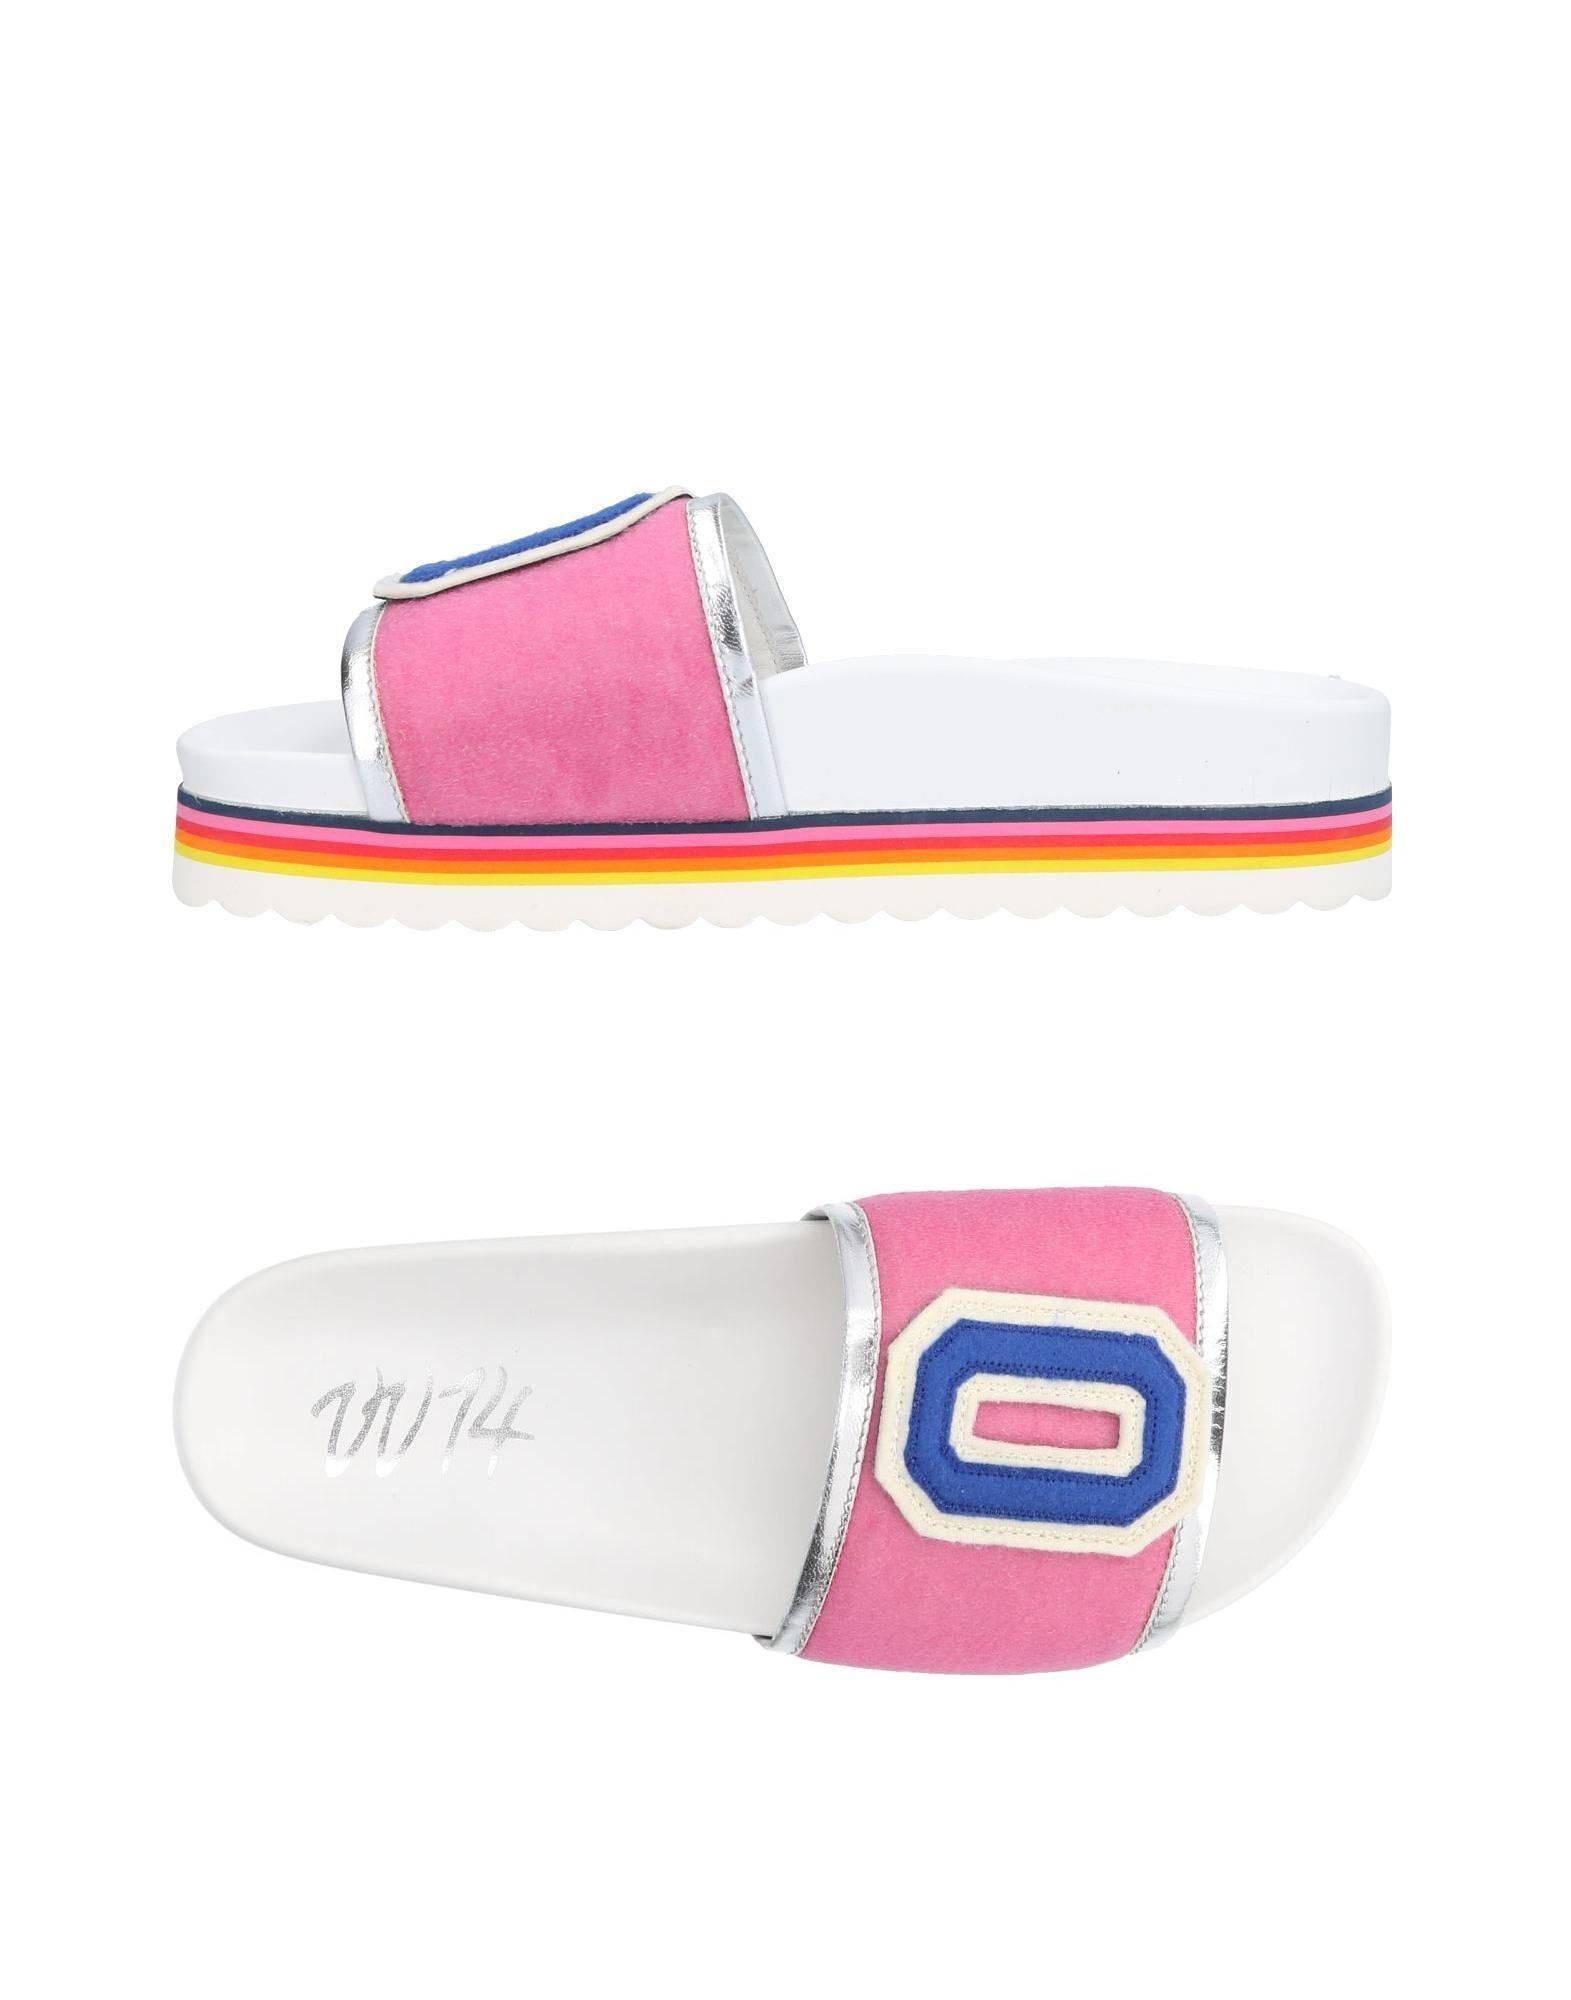 Chaussures - Sandales Par Vela 14 6gVwoKHL